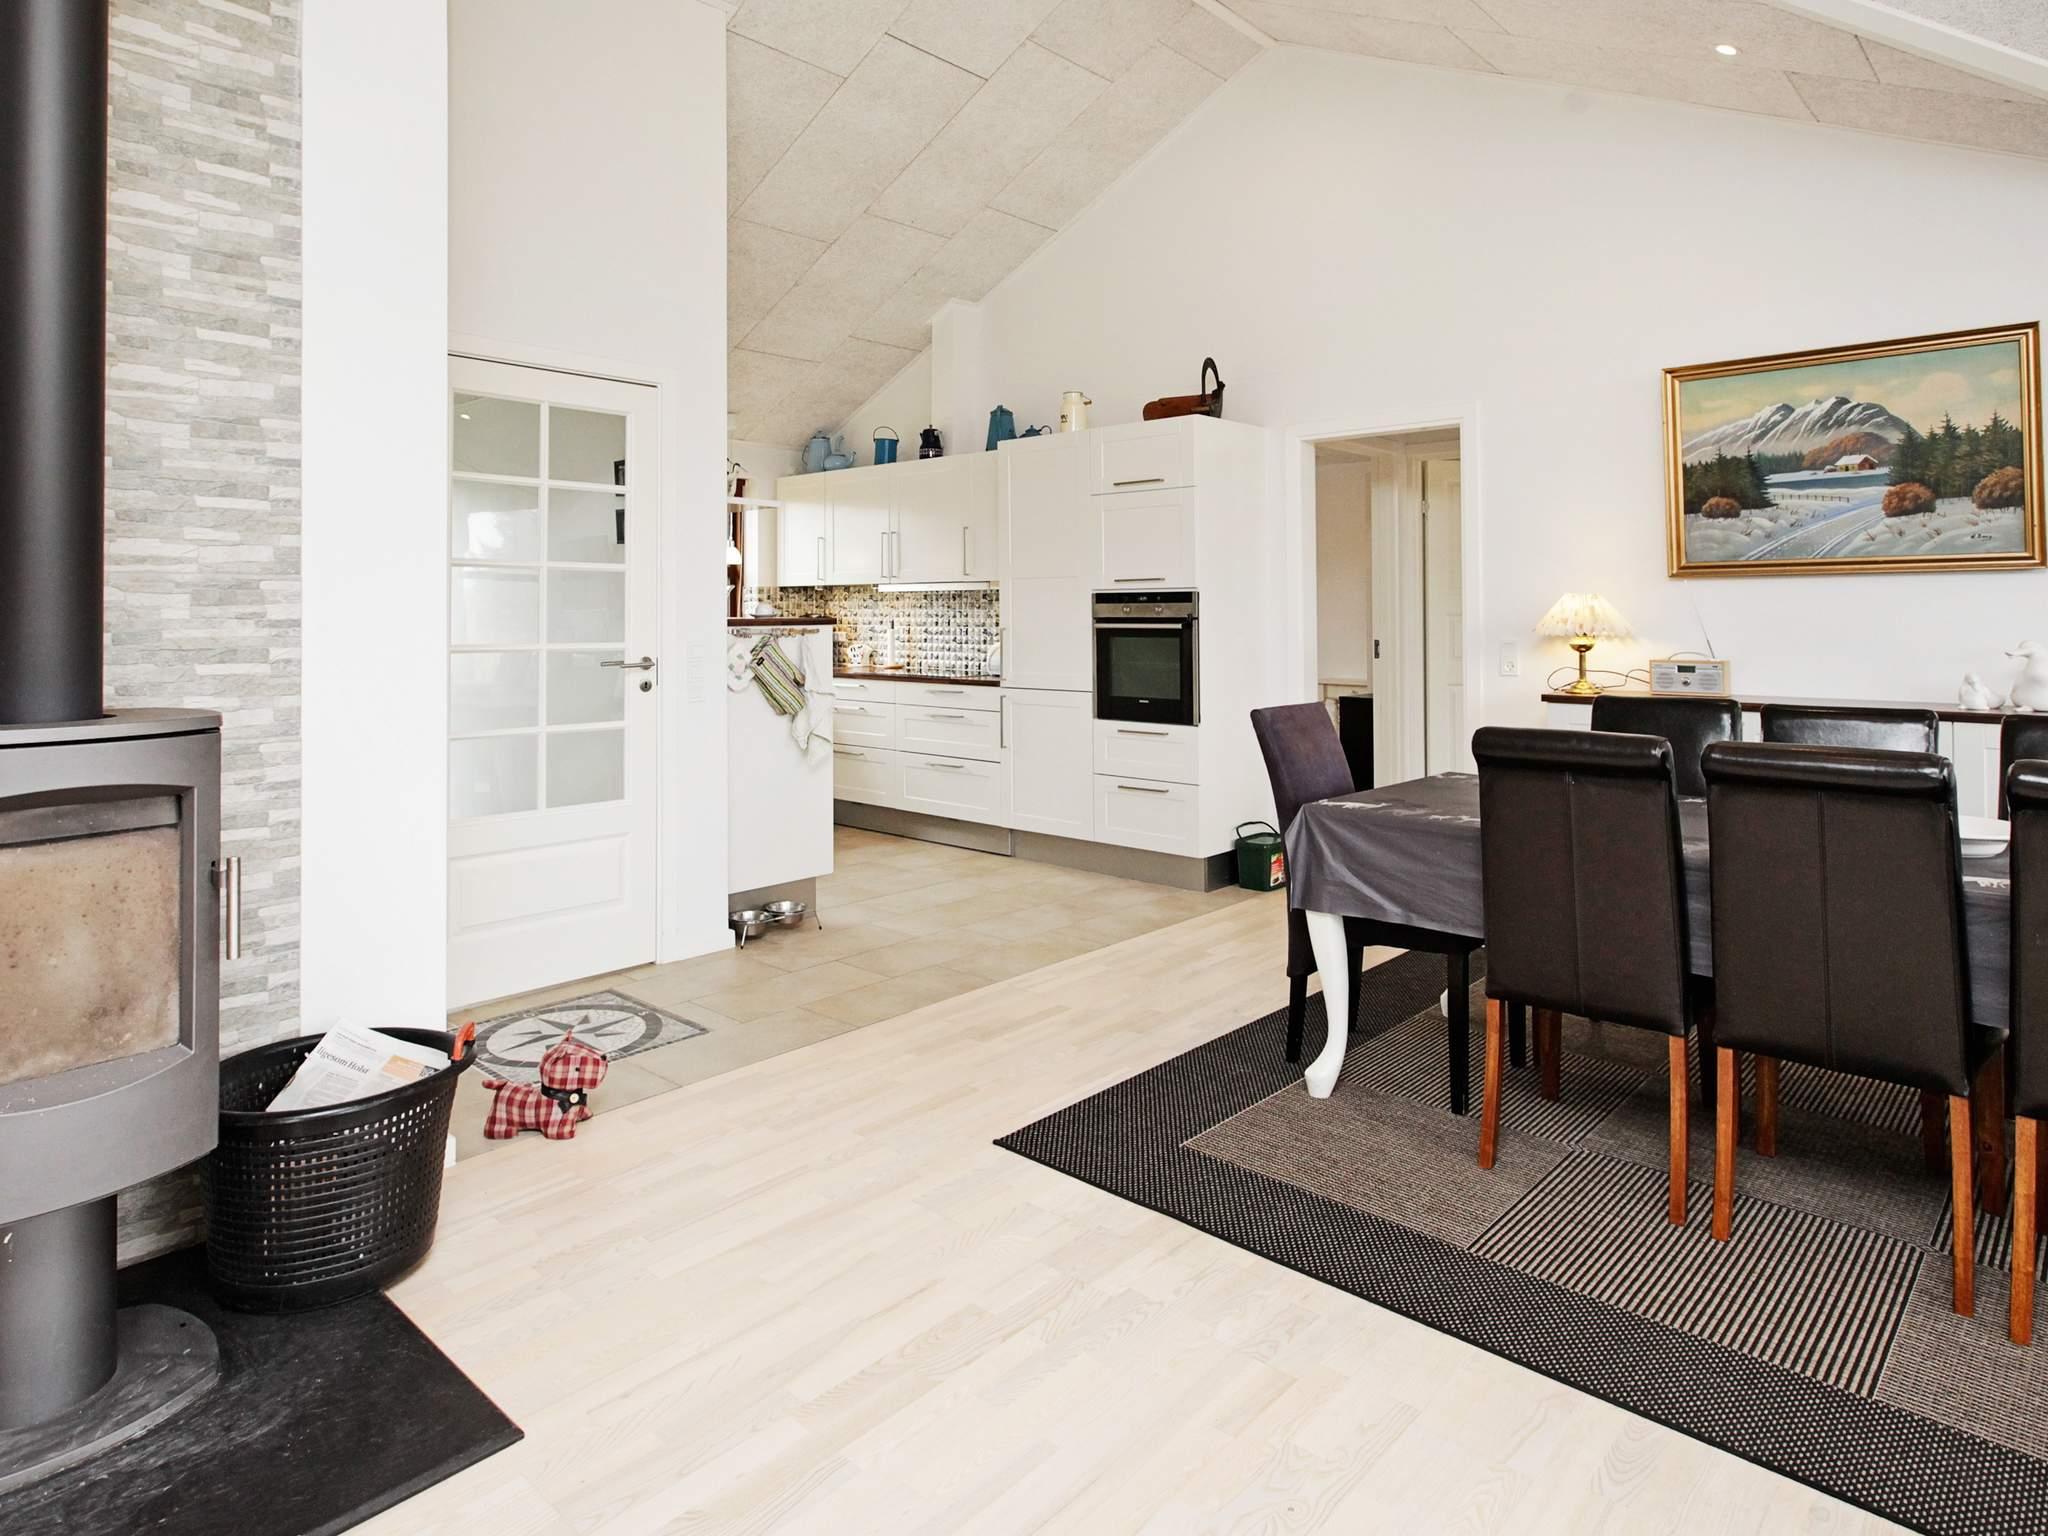 Ferienhaus Kjul Strand (2355503), Hirtshals, , Nordwestjütland, Dänemark, Bild 16